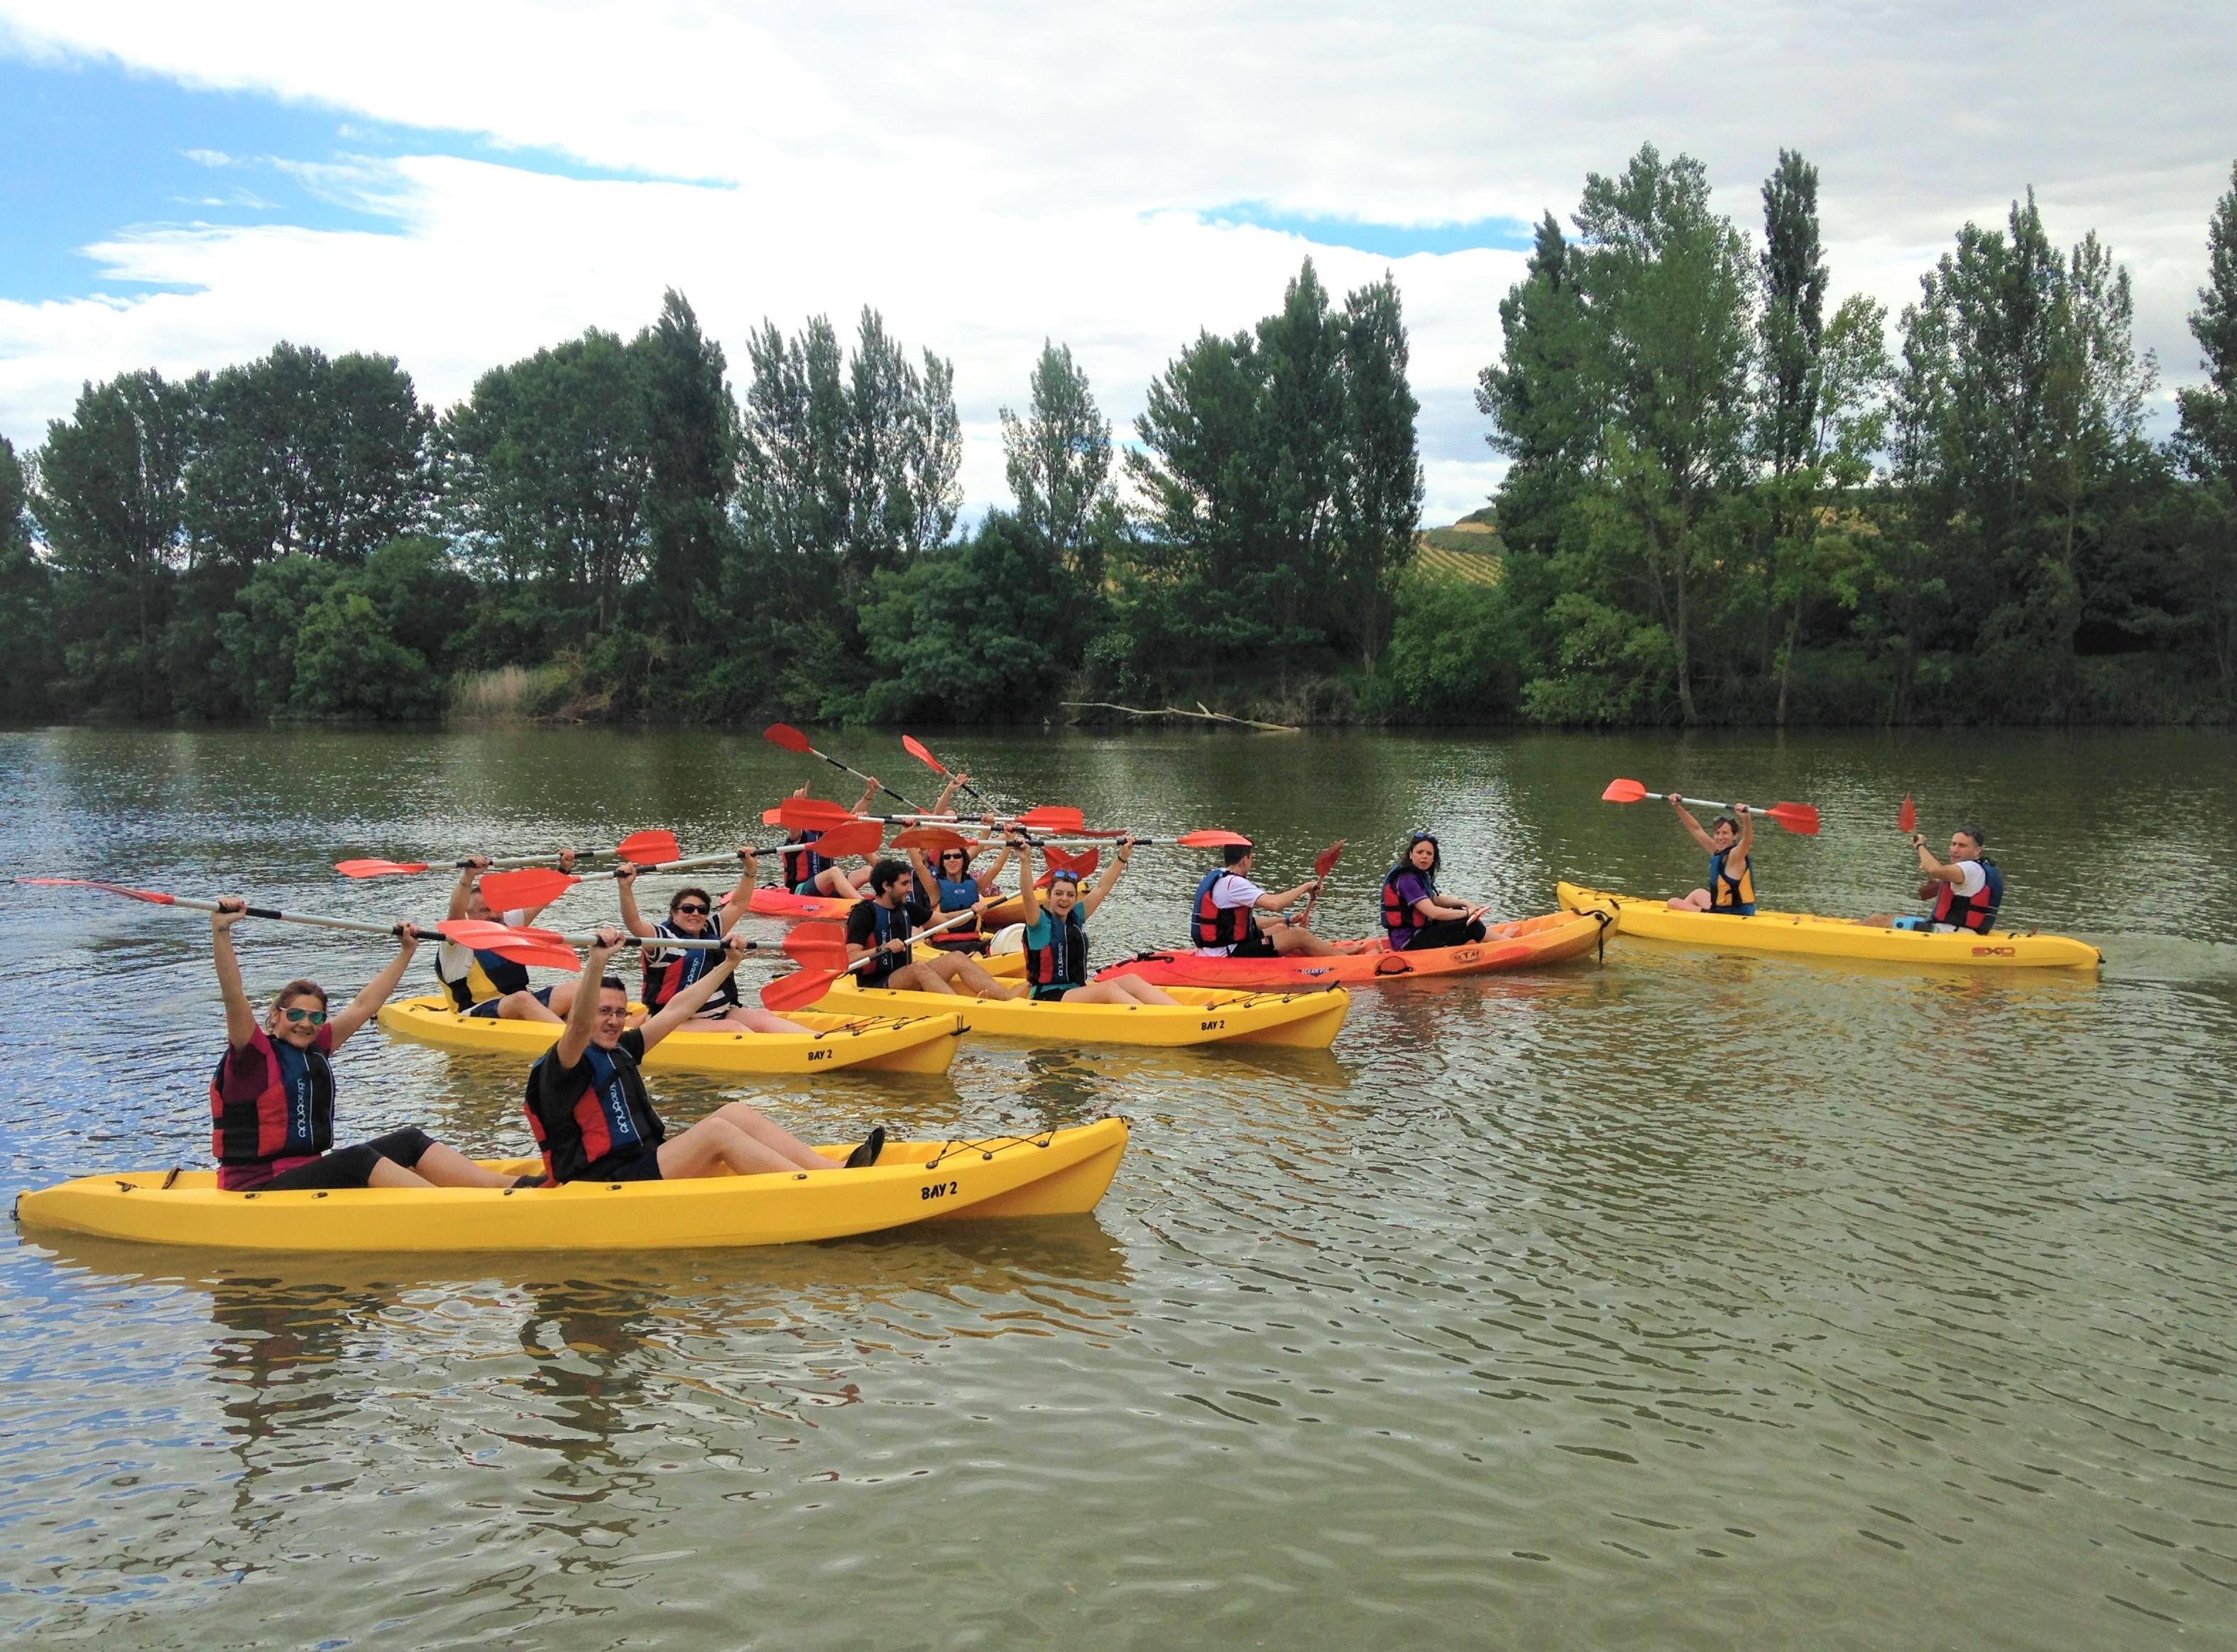 un grupo de unas 20 personas disfrutando de un paseo en kayak por el rio ebro montados en caoas amarillas y levantando los brazos en forma de alegría